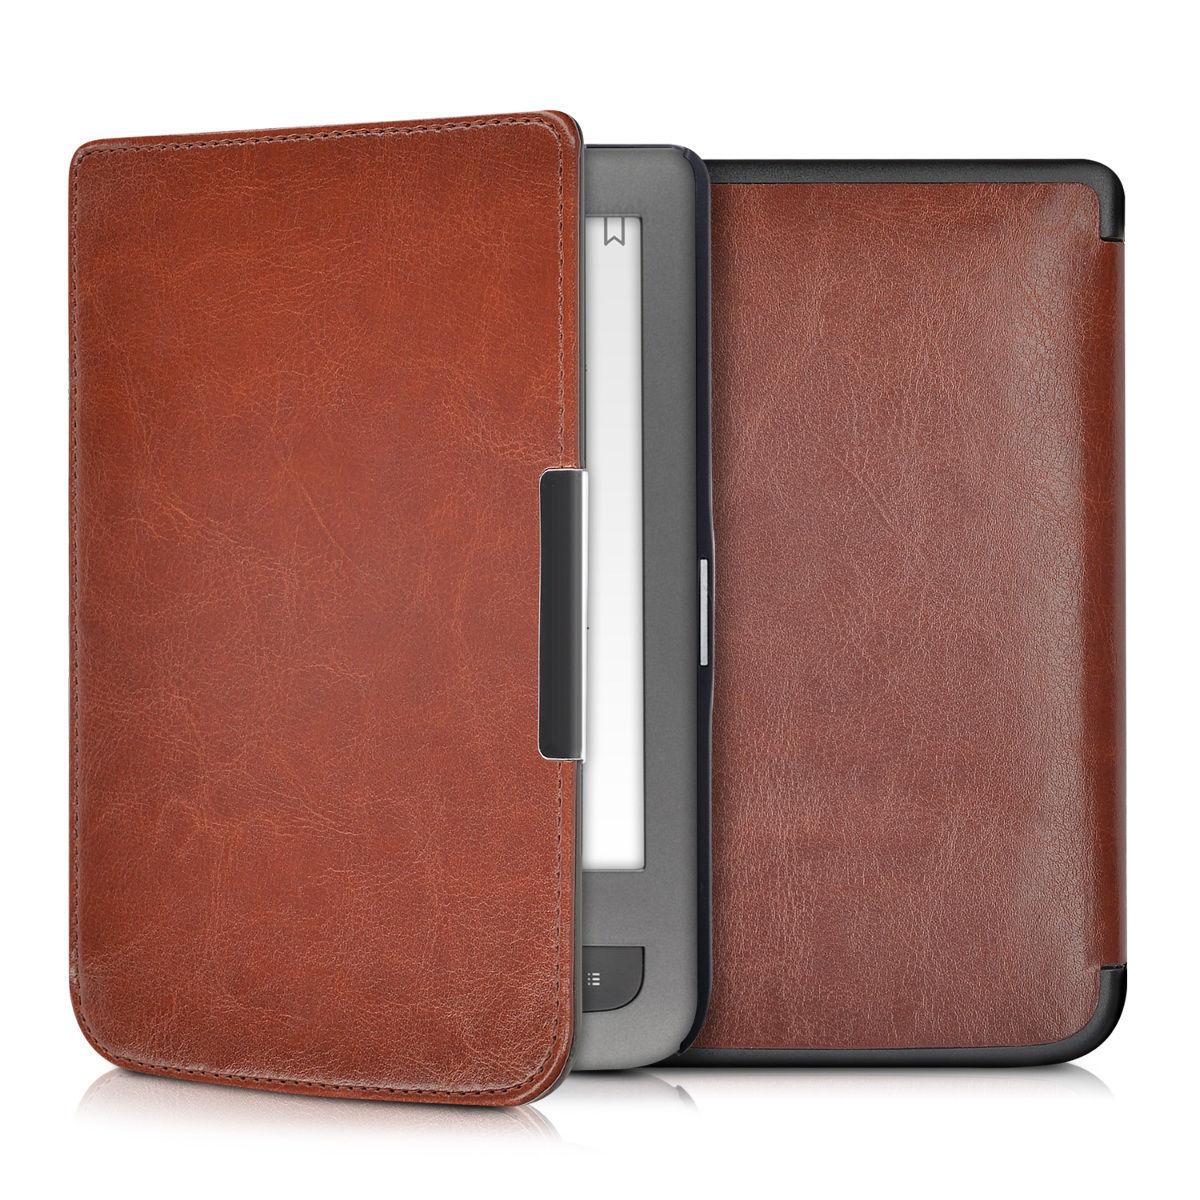 Pouzdro pro PocketBook Touch Lux 3 / 2 hnědé